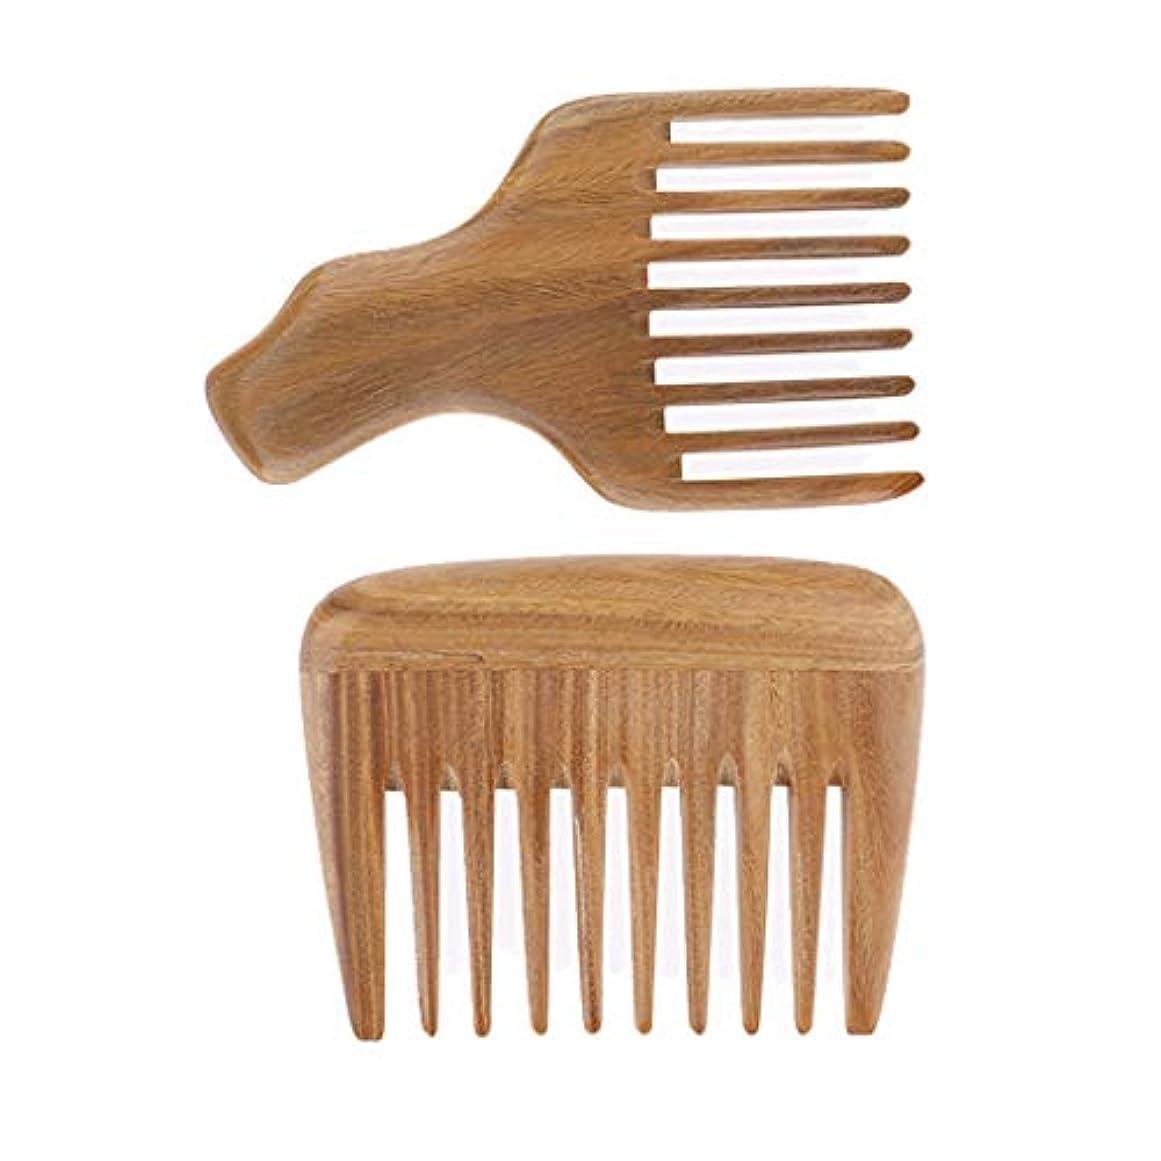 リゾート国勢調査おもちゃヘアブラシ ヘアダイコーム 櫛 ヘアコーム 木製コーム 粗い 頭皮マッサージ ツール 2個入り